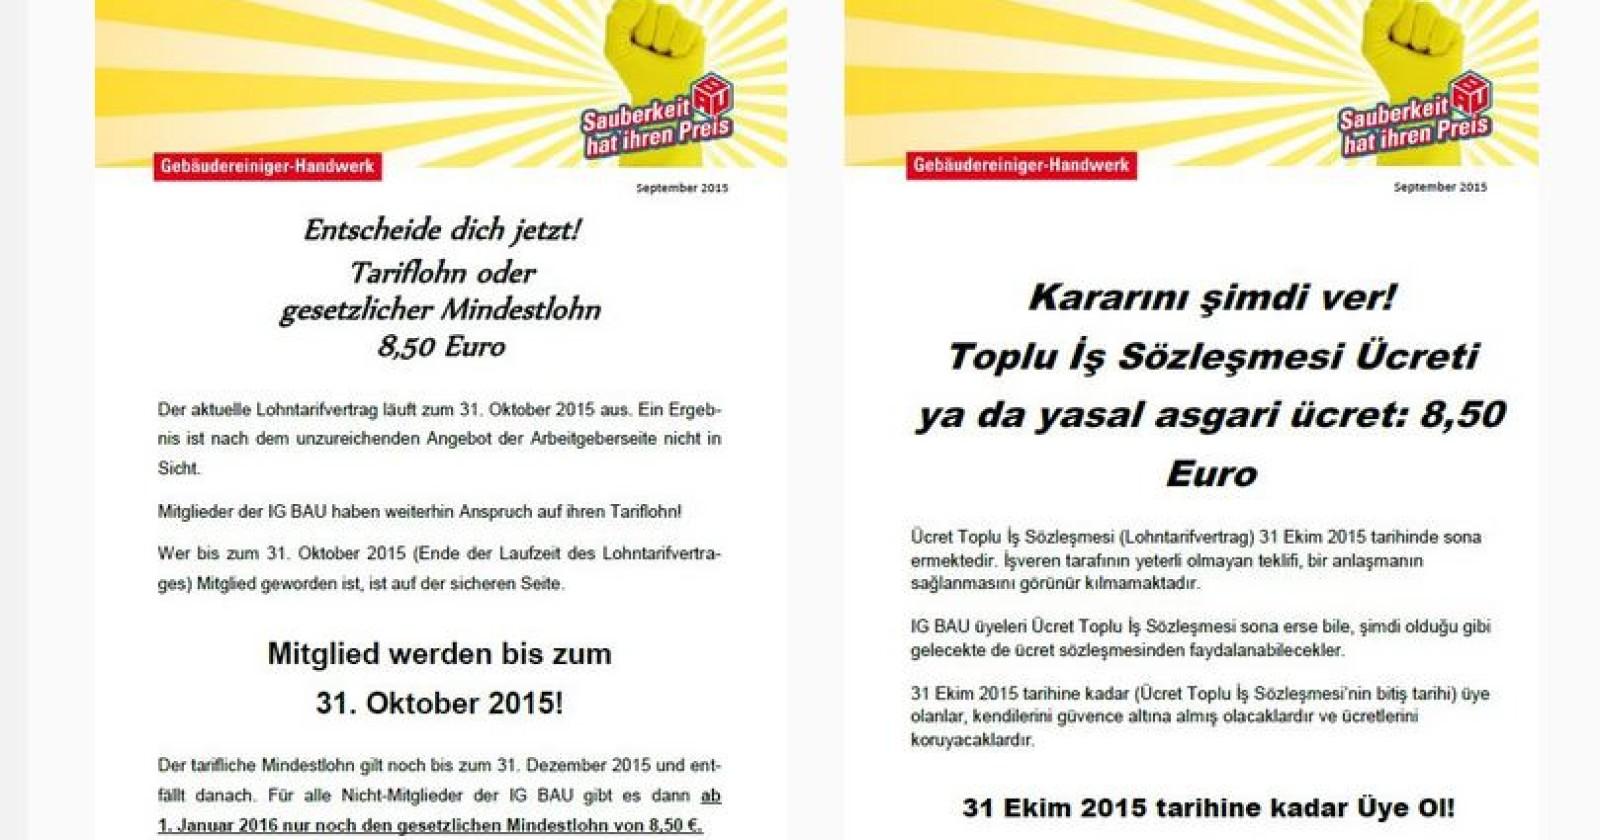 Weniger Lohn für Nicht-Mitglieder ab November? Flugblatt auf deutsch & türkisch